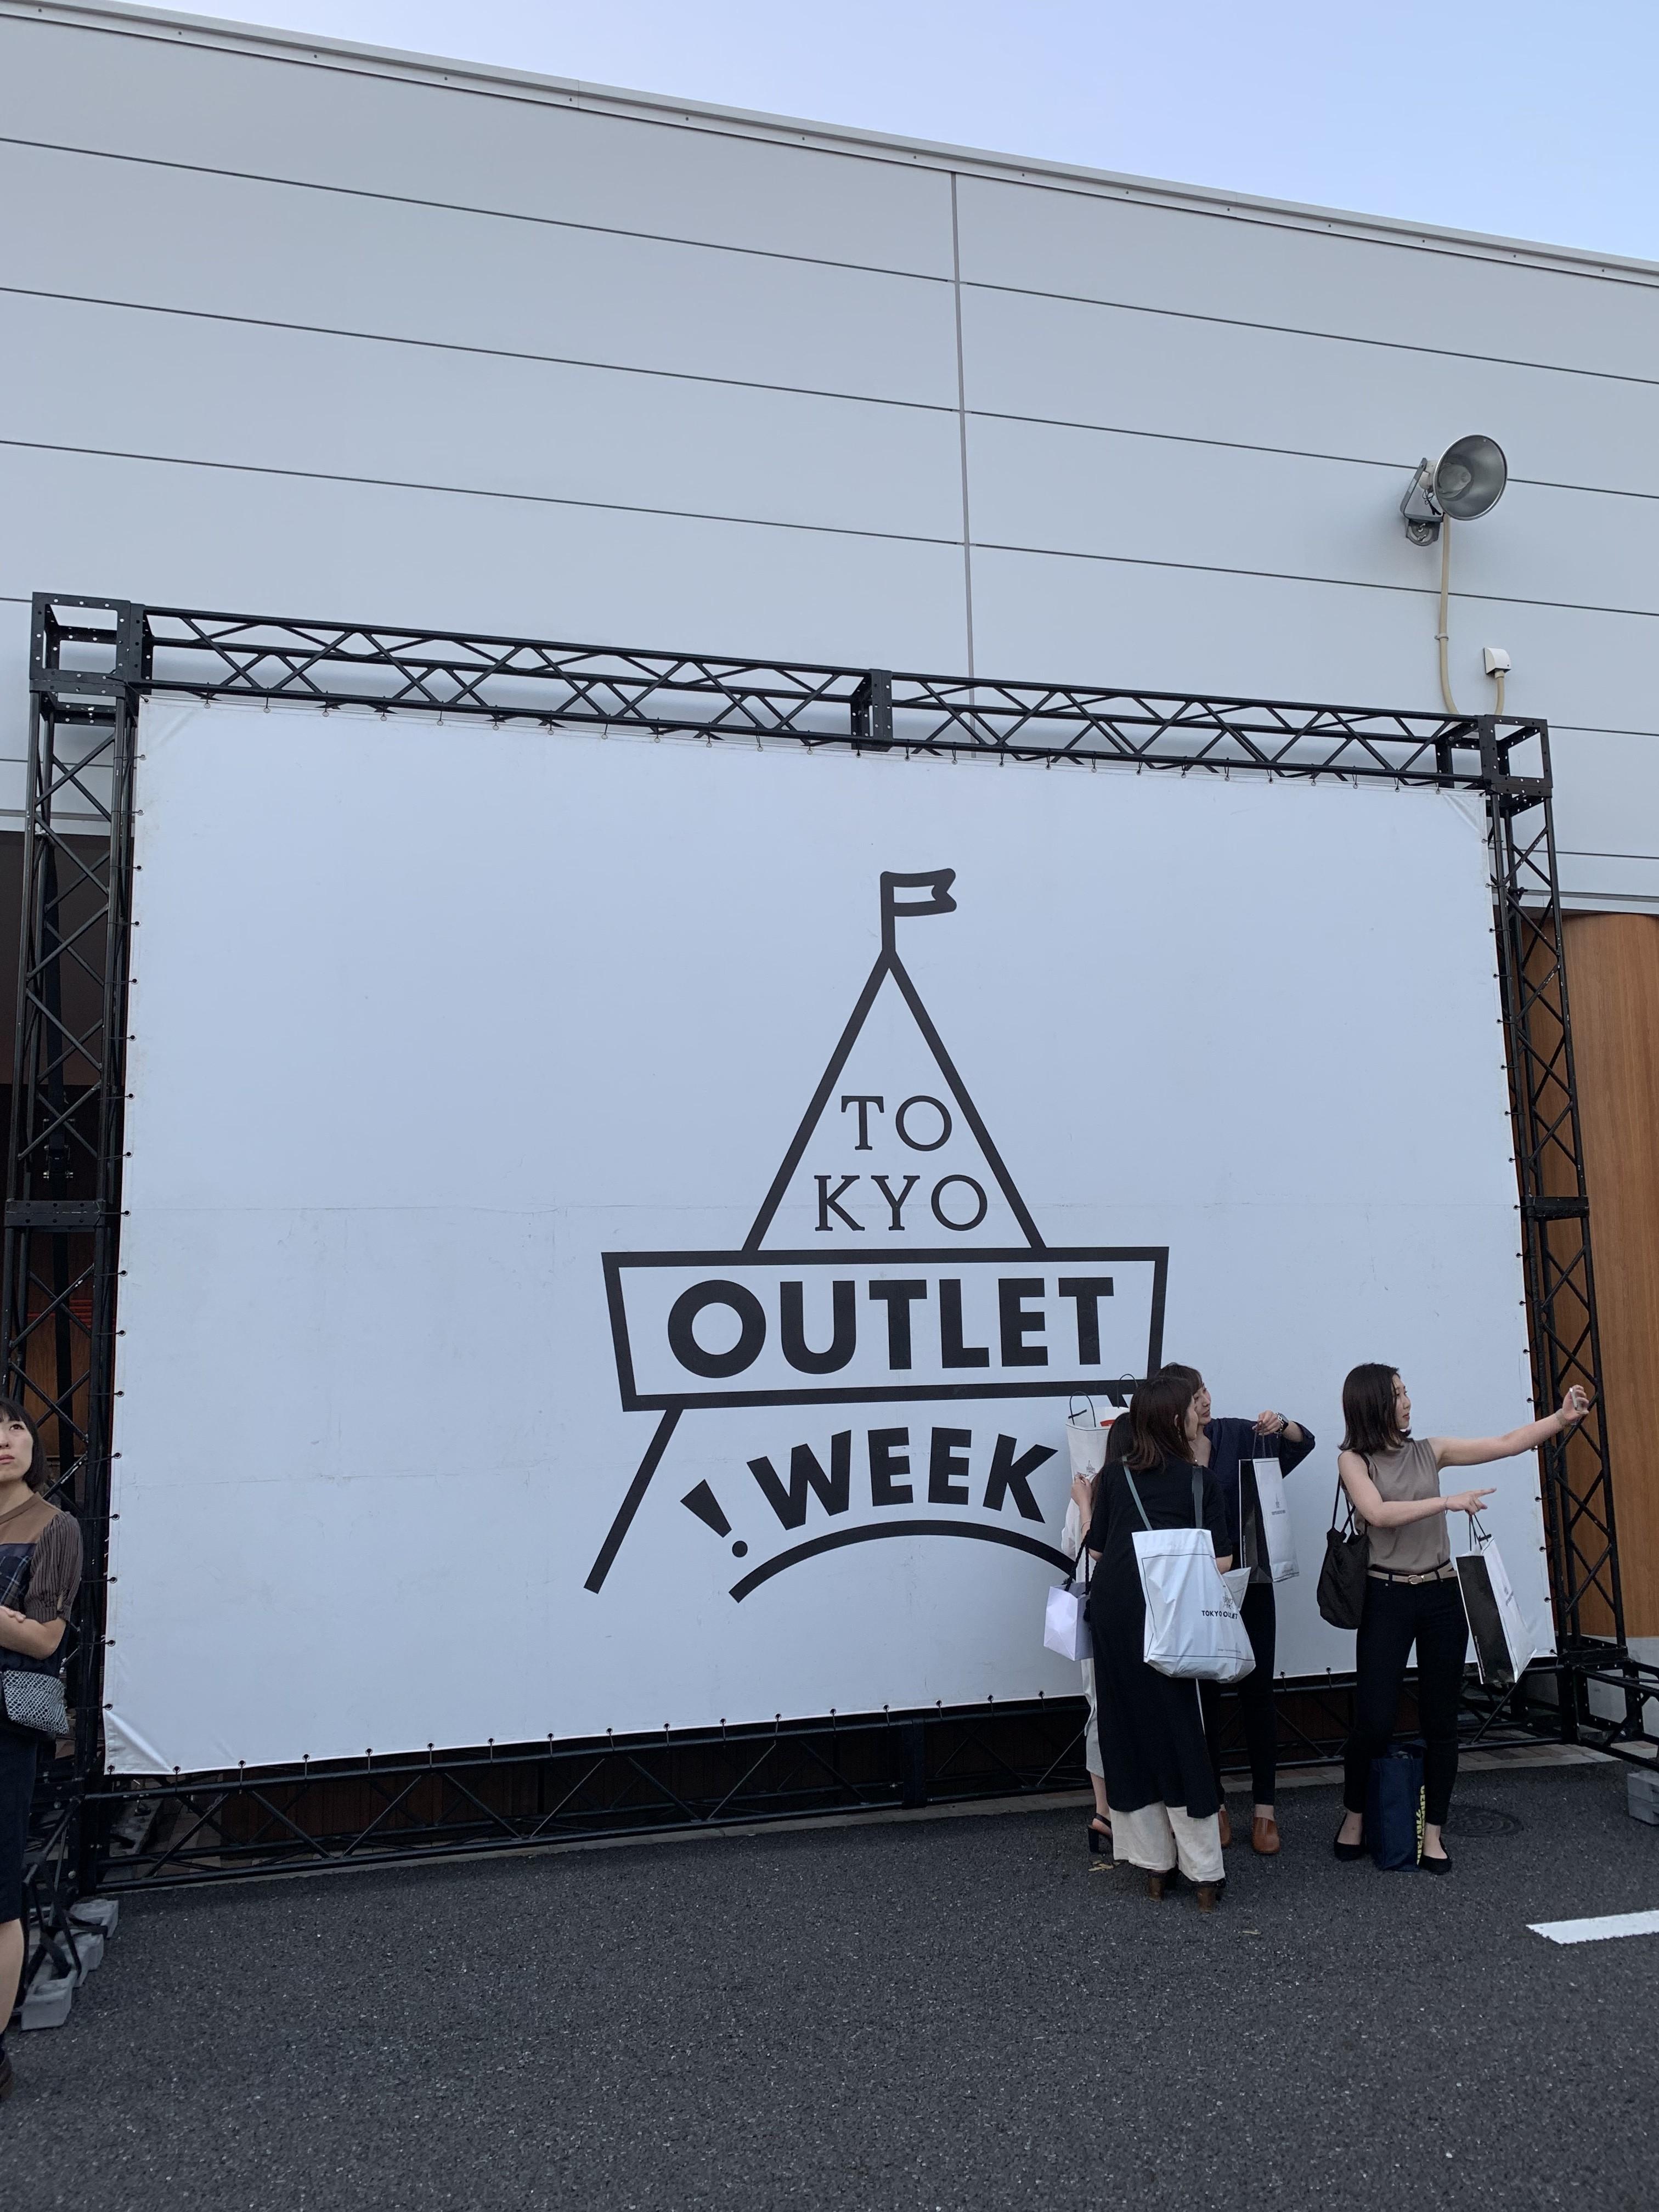 【五反田】TOKYO OUTLET WEEK/定期的に開催されるアパレルイベント。男女問わず宝探し感覚で楽しめます。